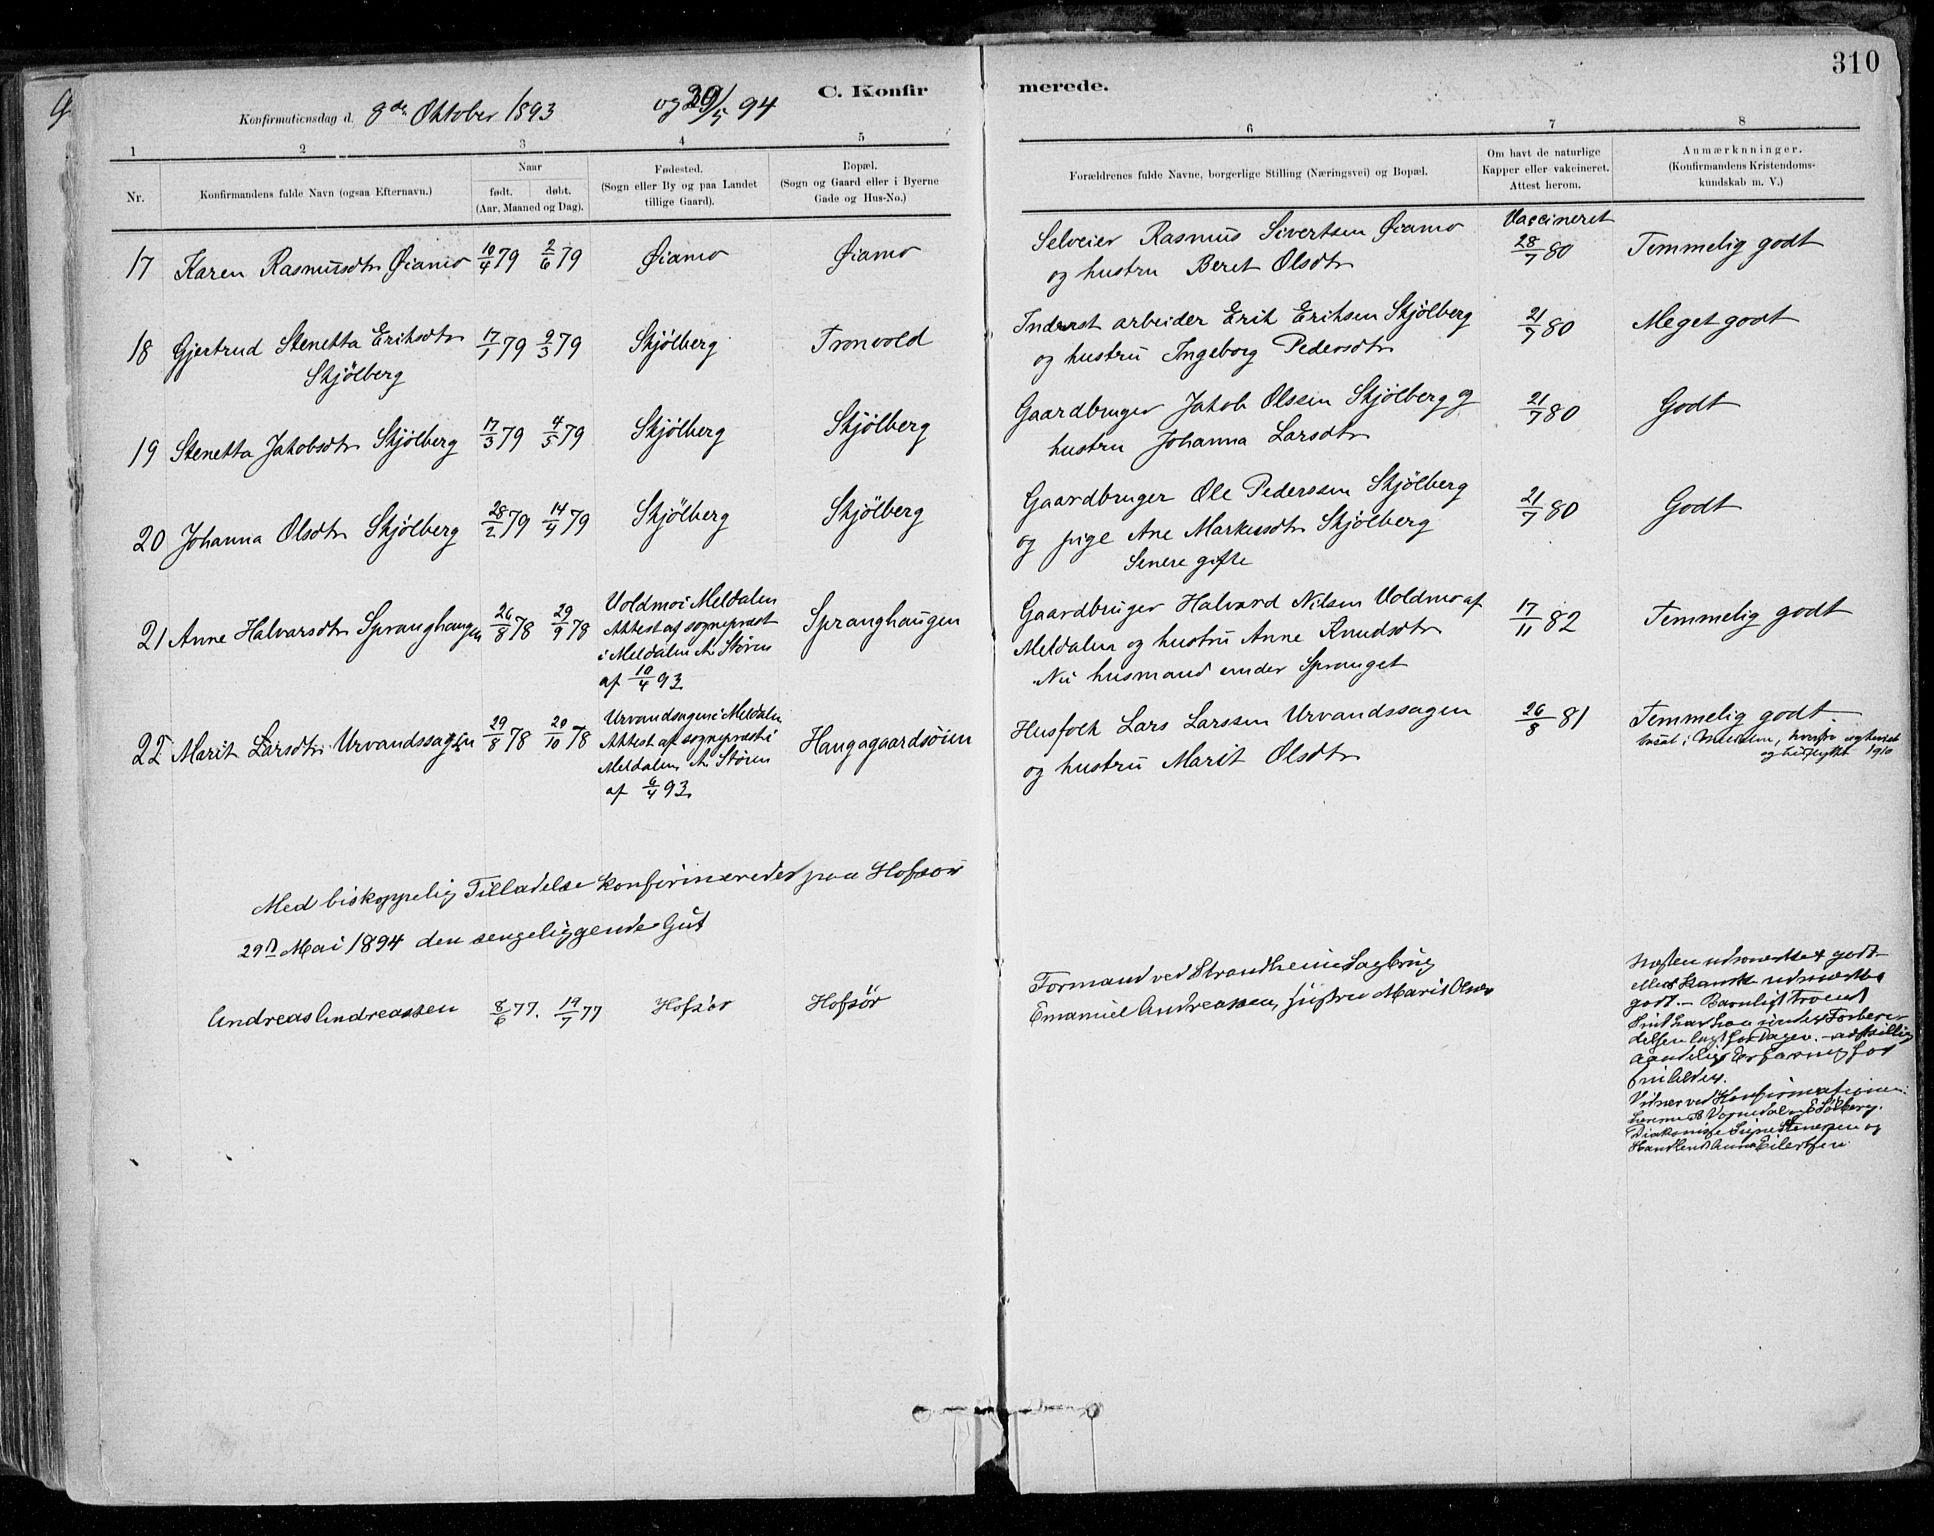 SAT, Ministerialprotokoller, klokkerbøker og fødselsregistre - Sør-Trøndelag, 668/L0809: Ministerialbok nr. 668A09, 1881-1895, s. 310